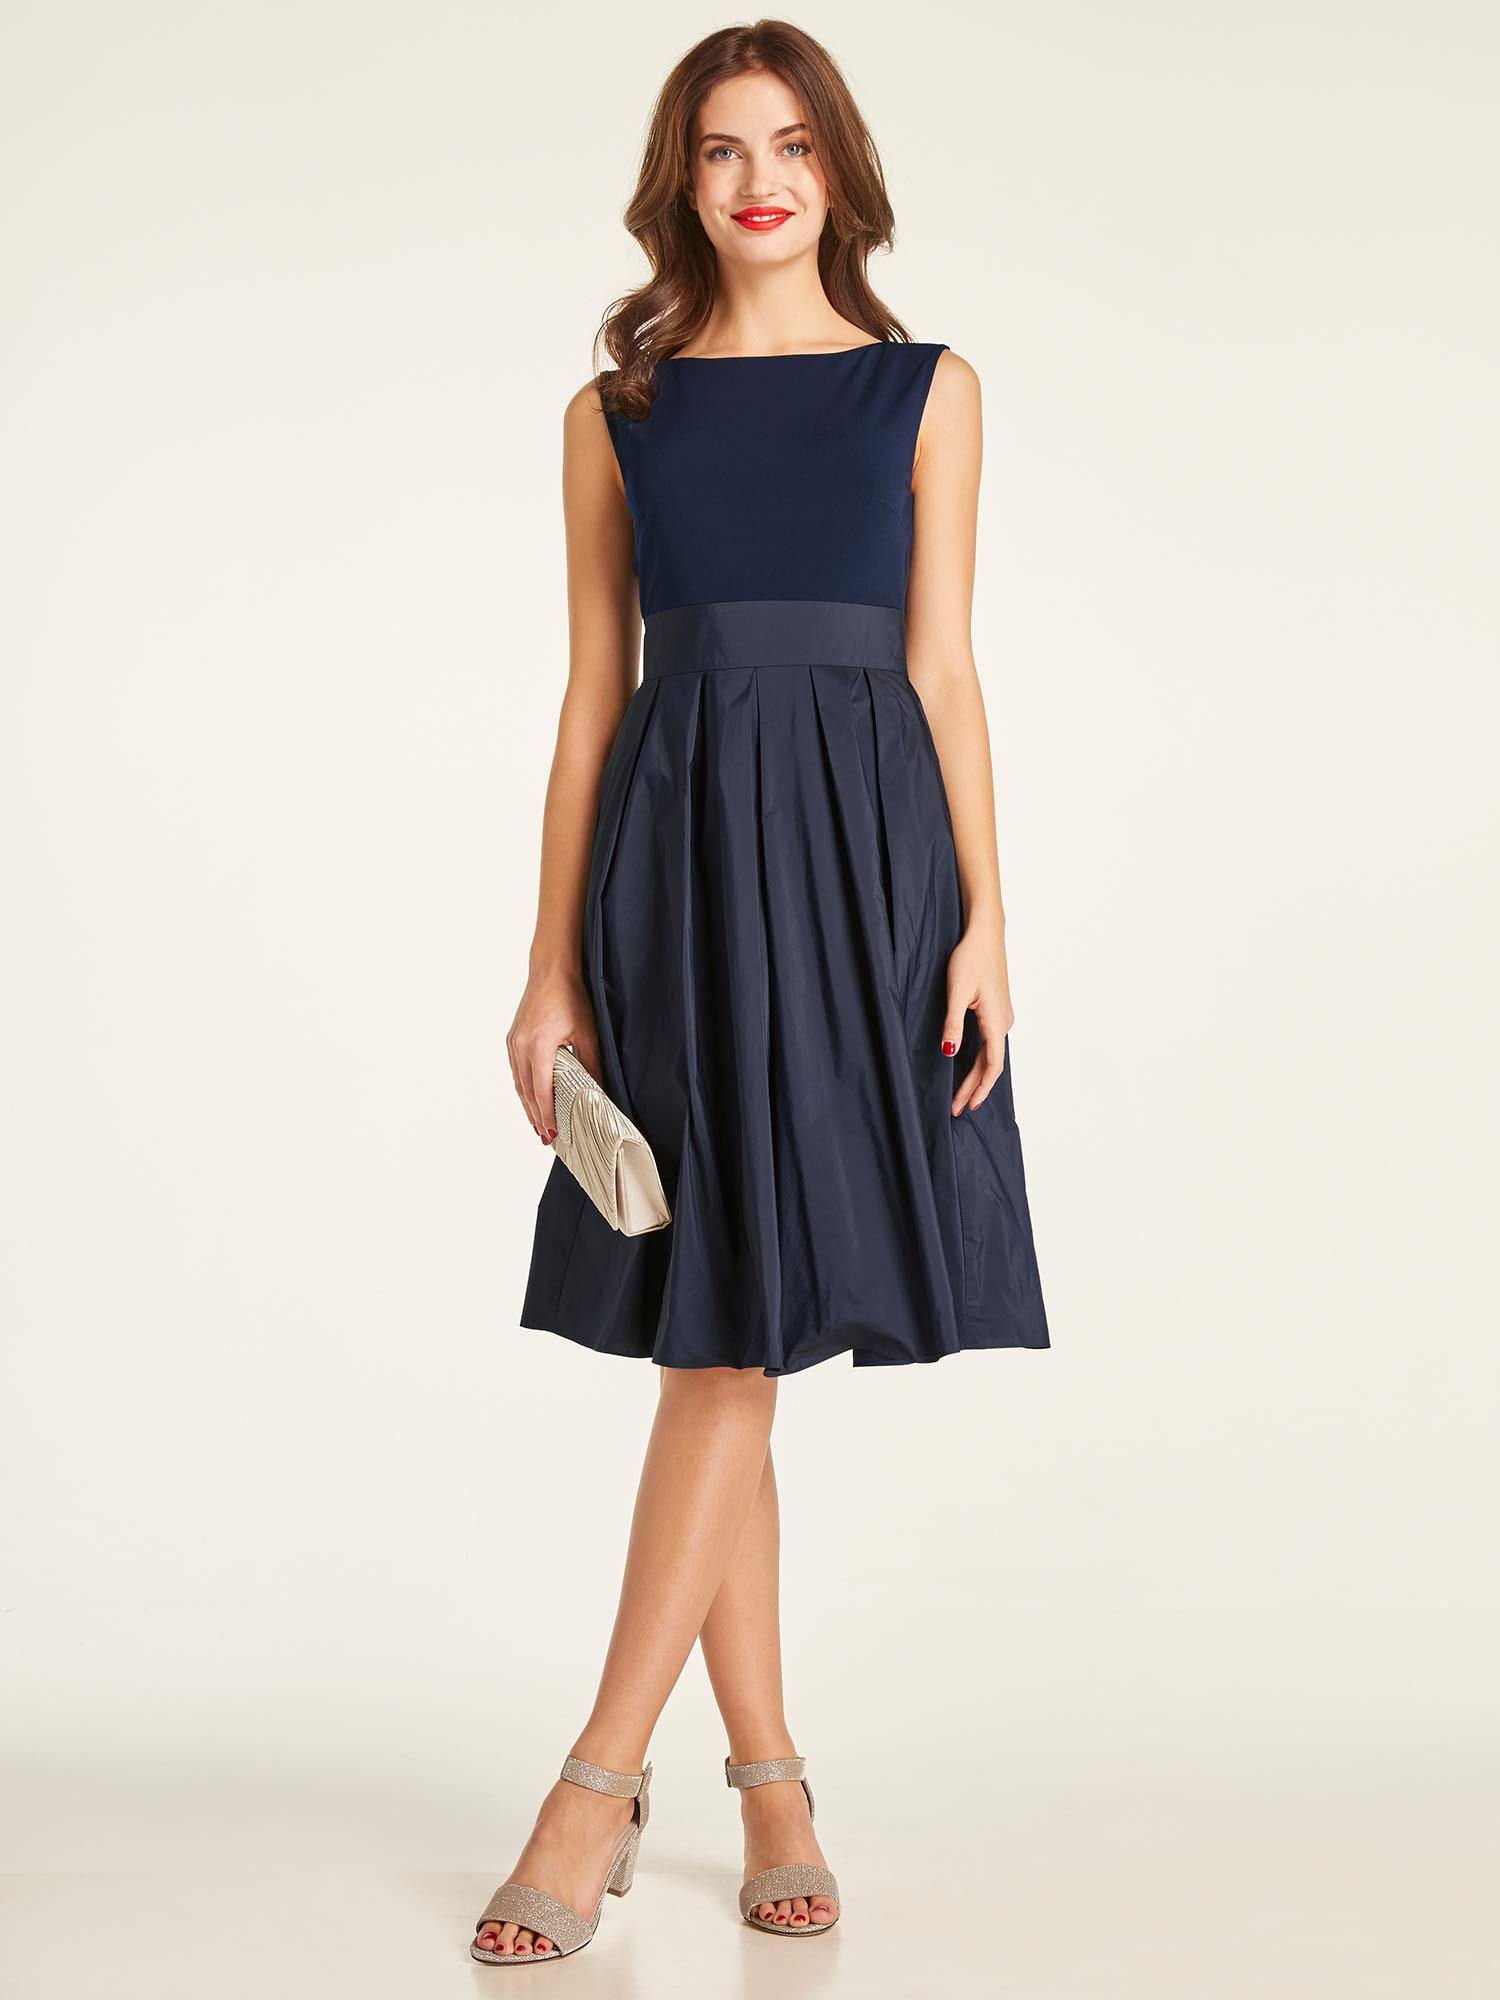 Erstaunlich Kleid Für Die Hochzeit Bester PreisDesigner Kreativ Kleid Für Die Hochzeit Ärmel